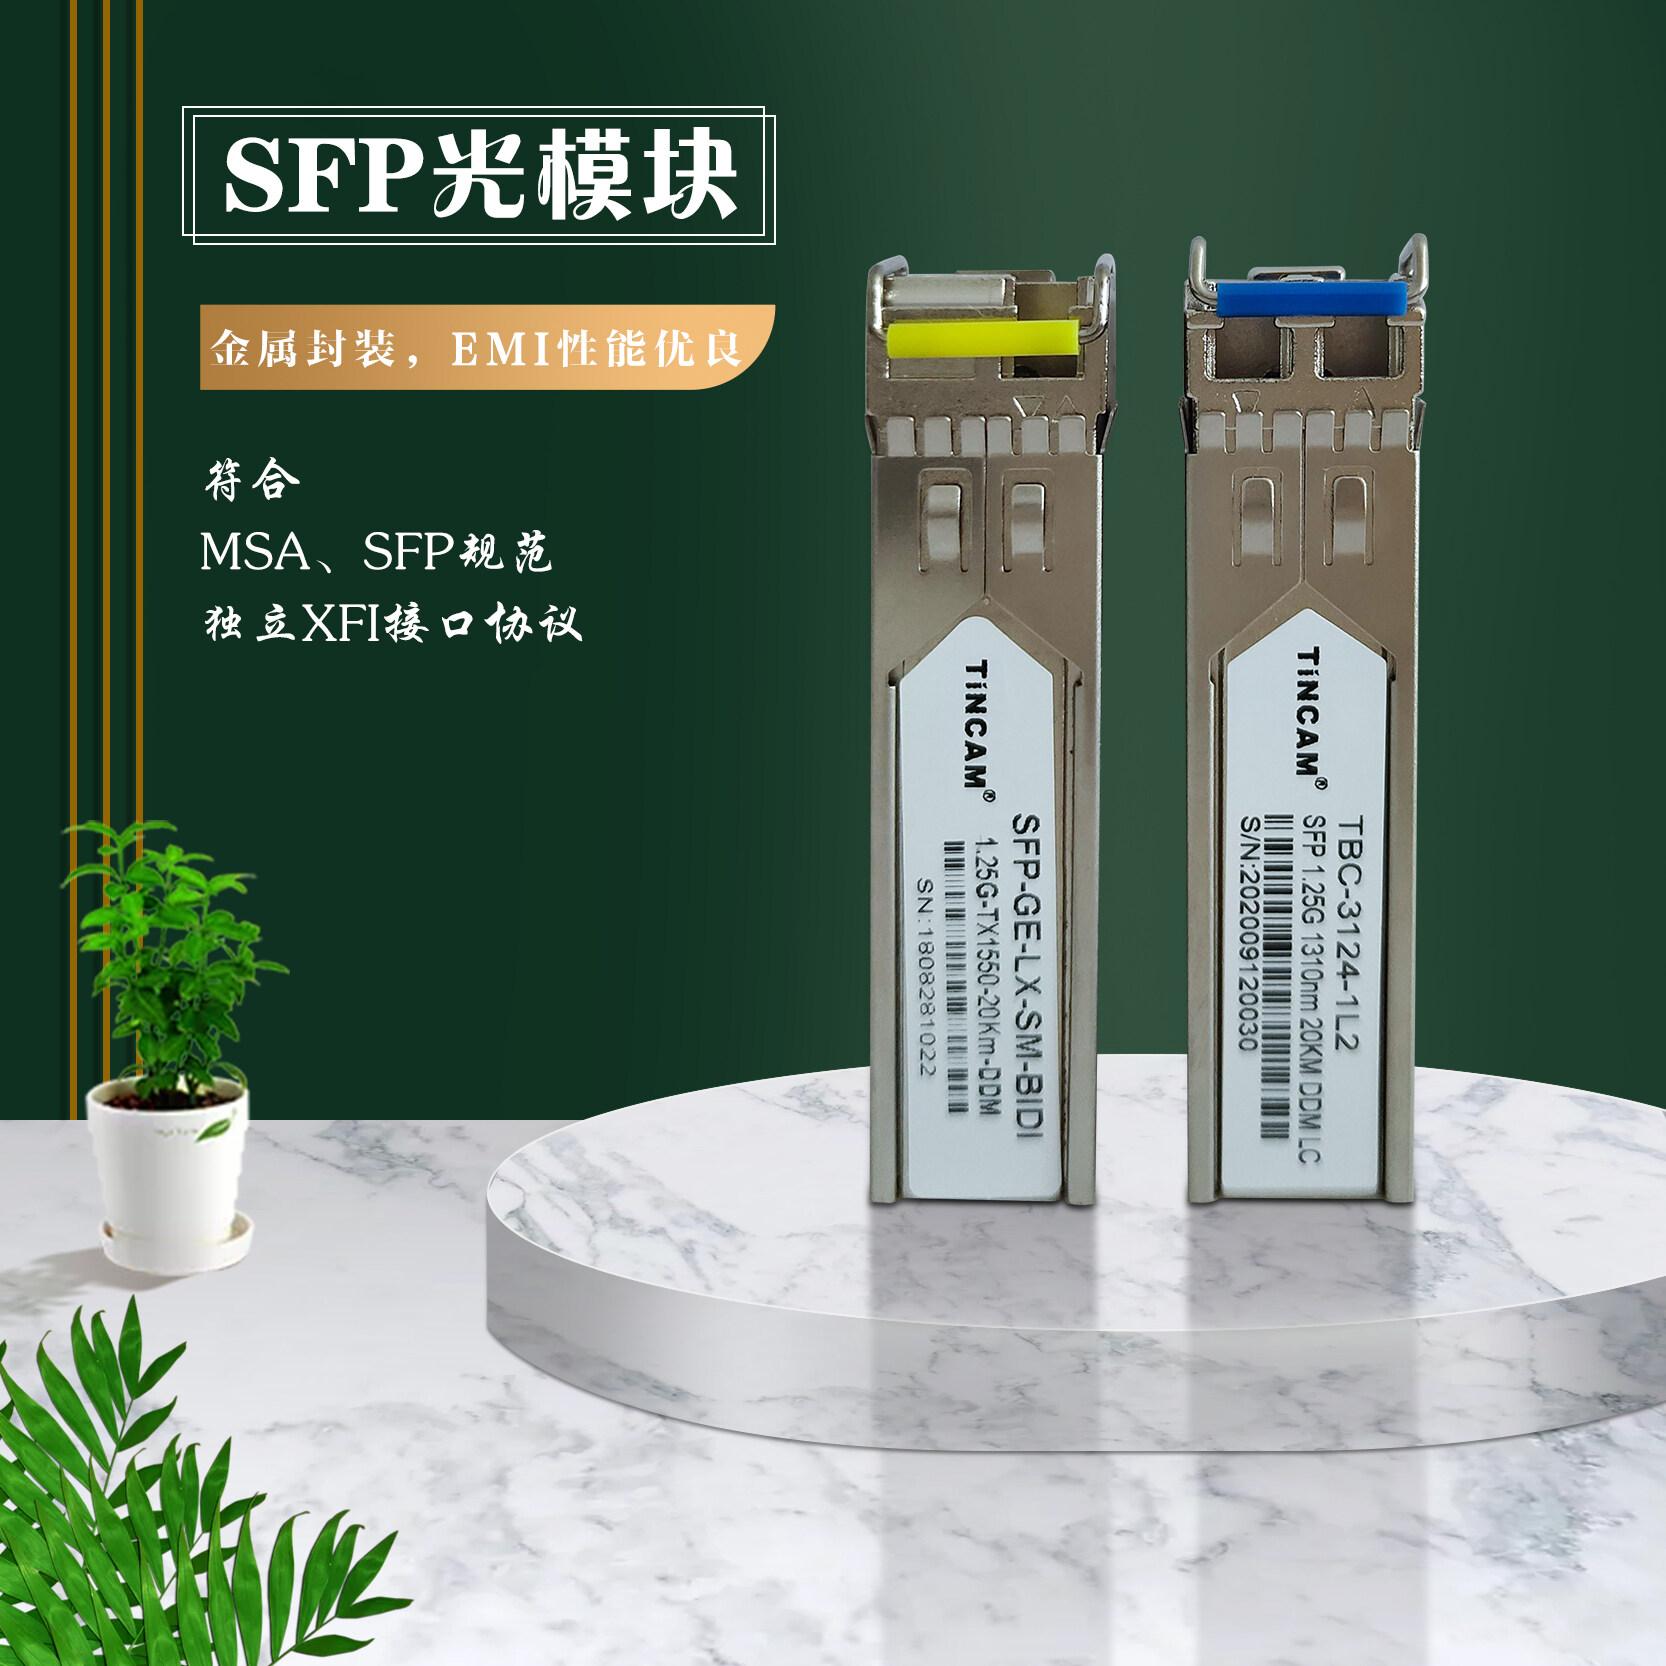 深圳市天博通信设备有限公司